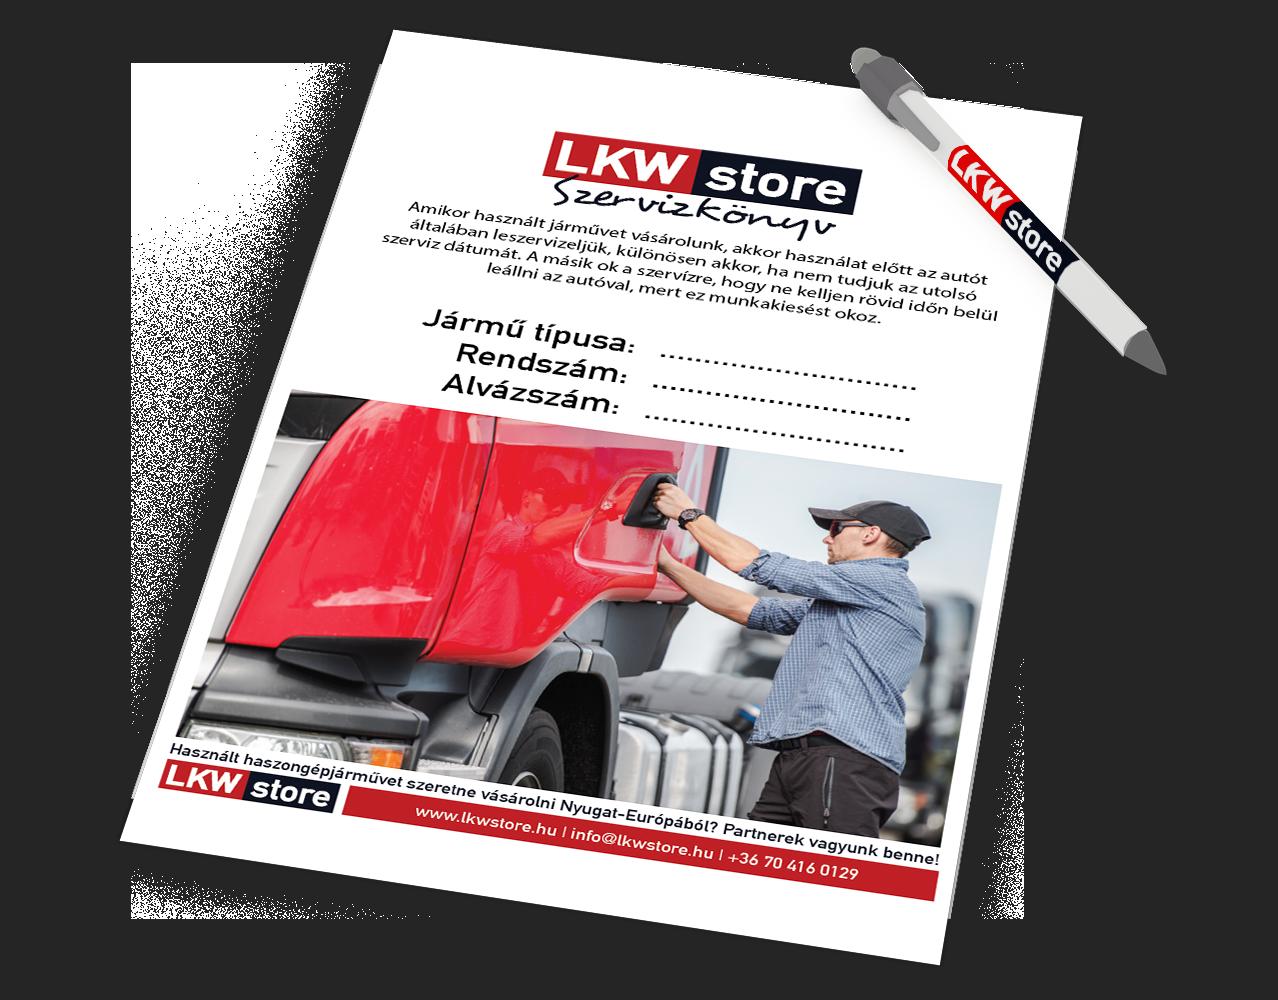 LKW Store - új és használt haszongépjármű lízing